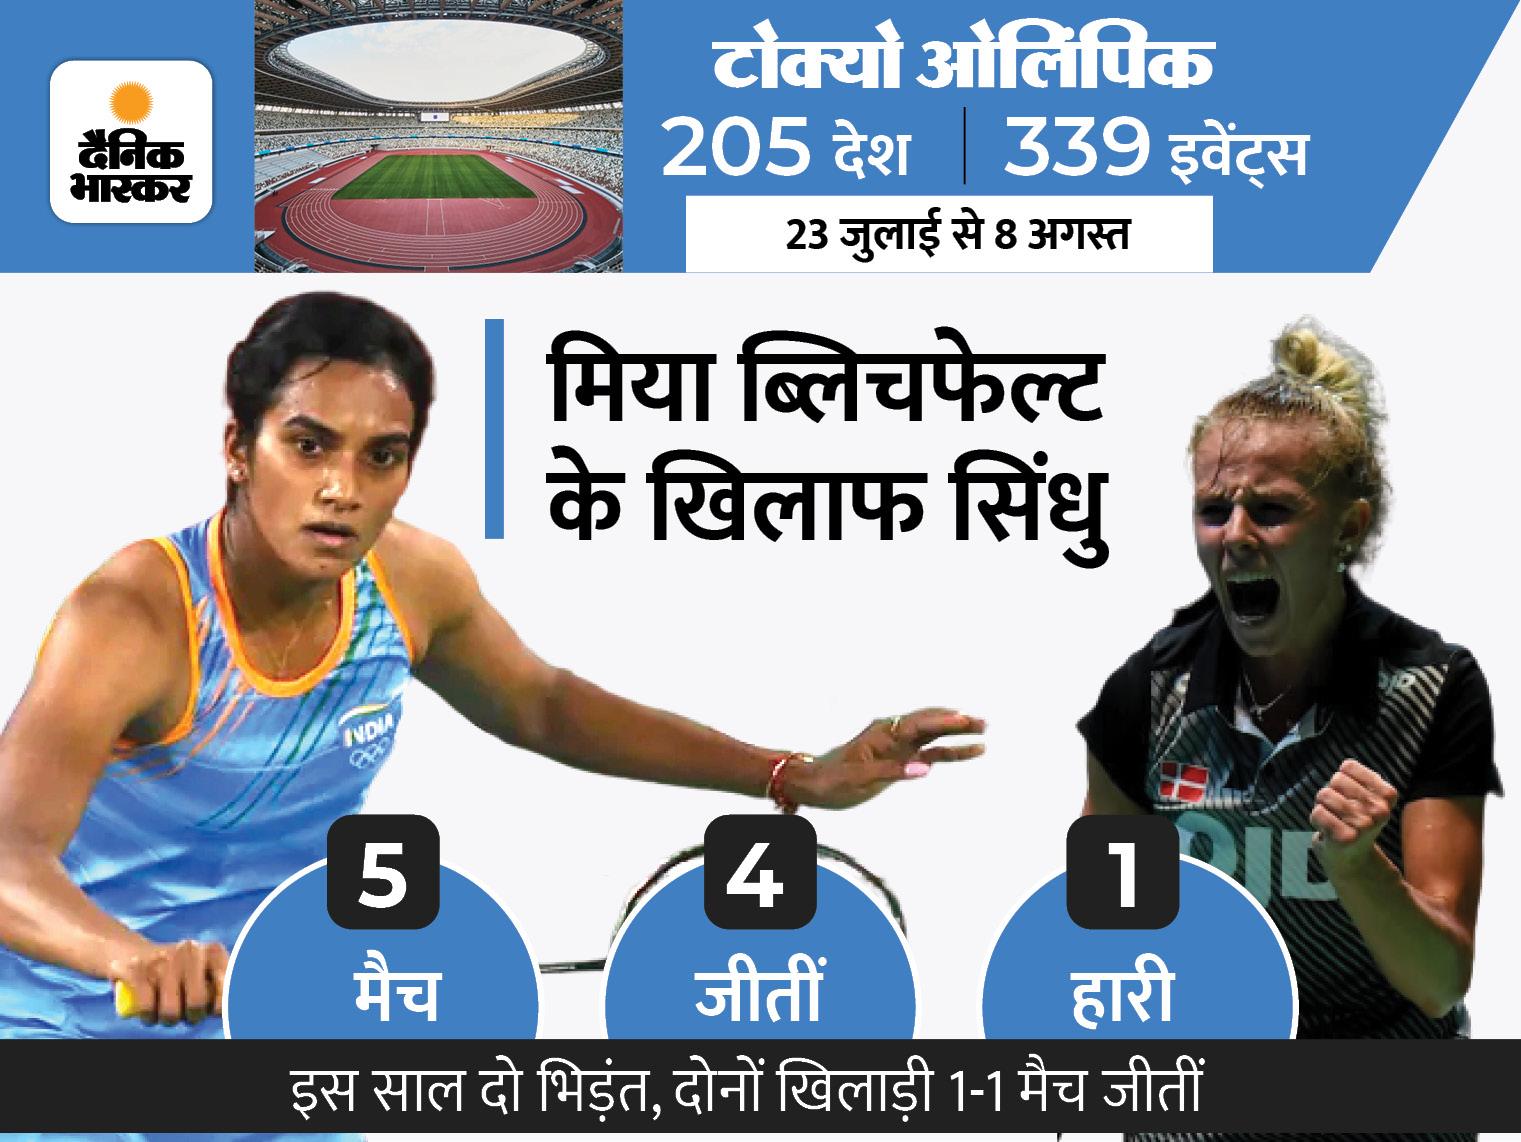 प्री क्वार्टर फाइनल में डेनमार्क की मिया ब्लिचफेल्ट से मुकाबला, क्वार्टर फाइनल में यामागूची से भिड़ंत संभव परफॉर्मेंस (भारत),India Performance - Dainik Bhaskar